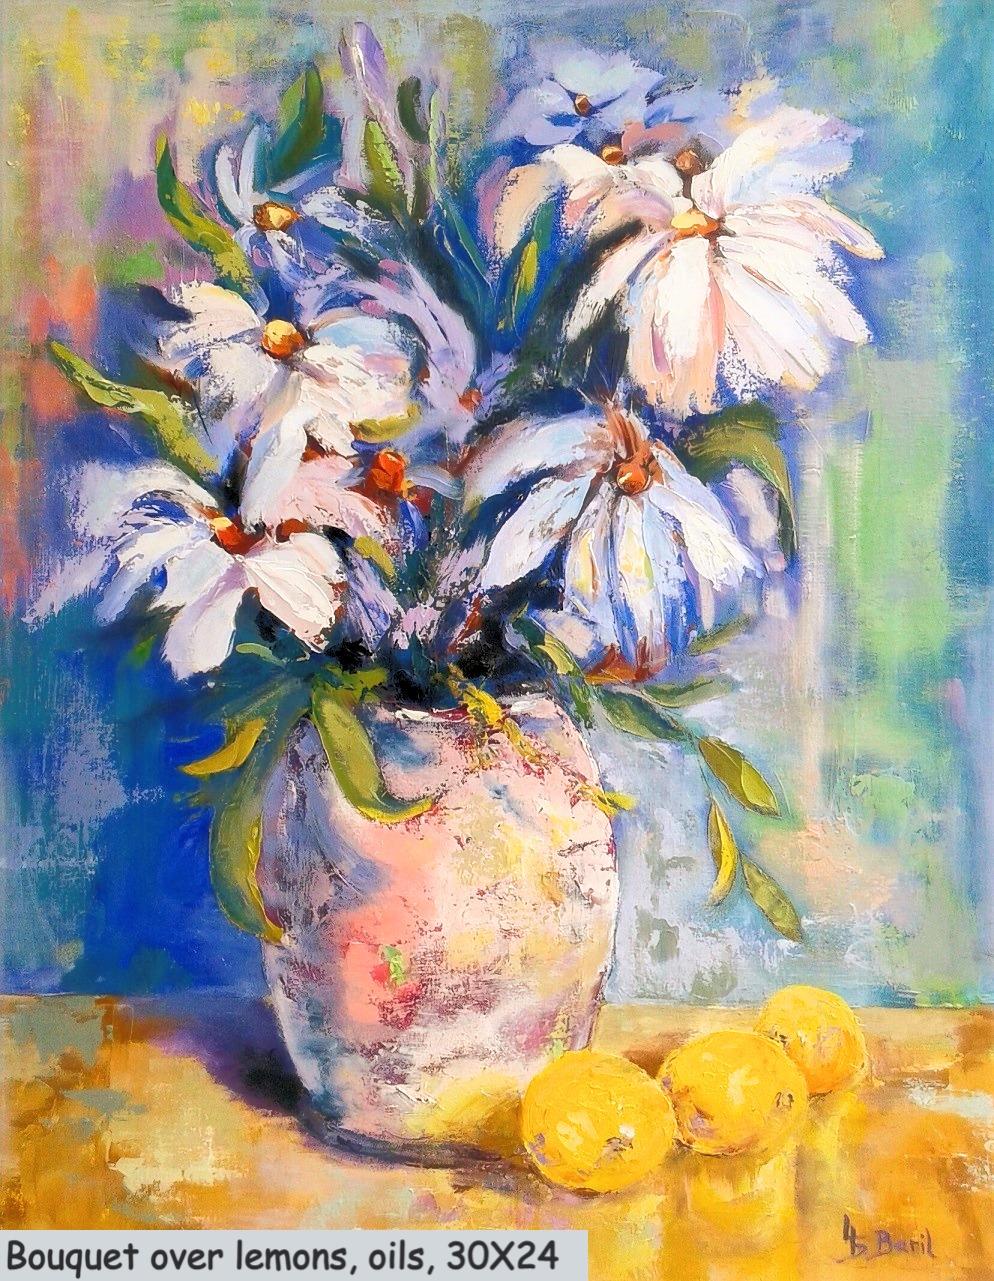 Bouquet of fluffyness, oils, 30X24